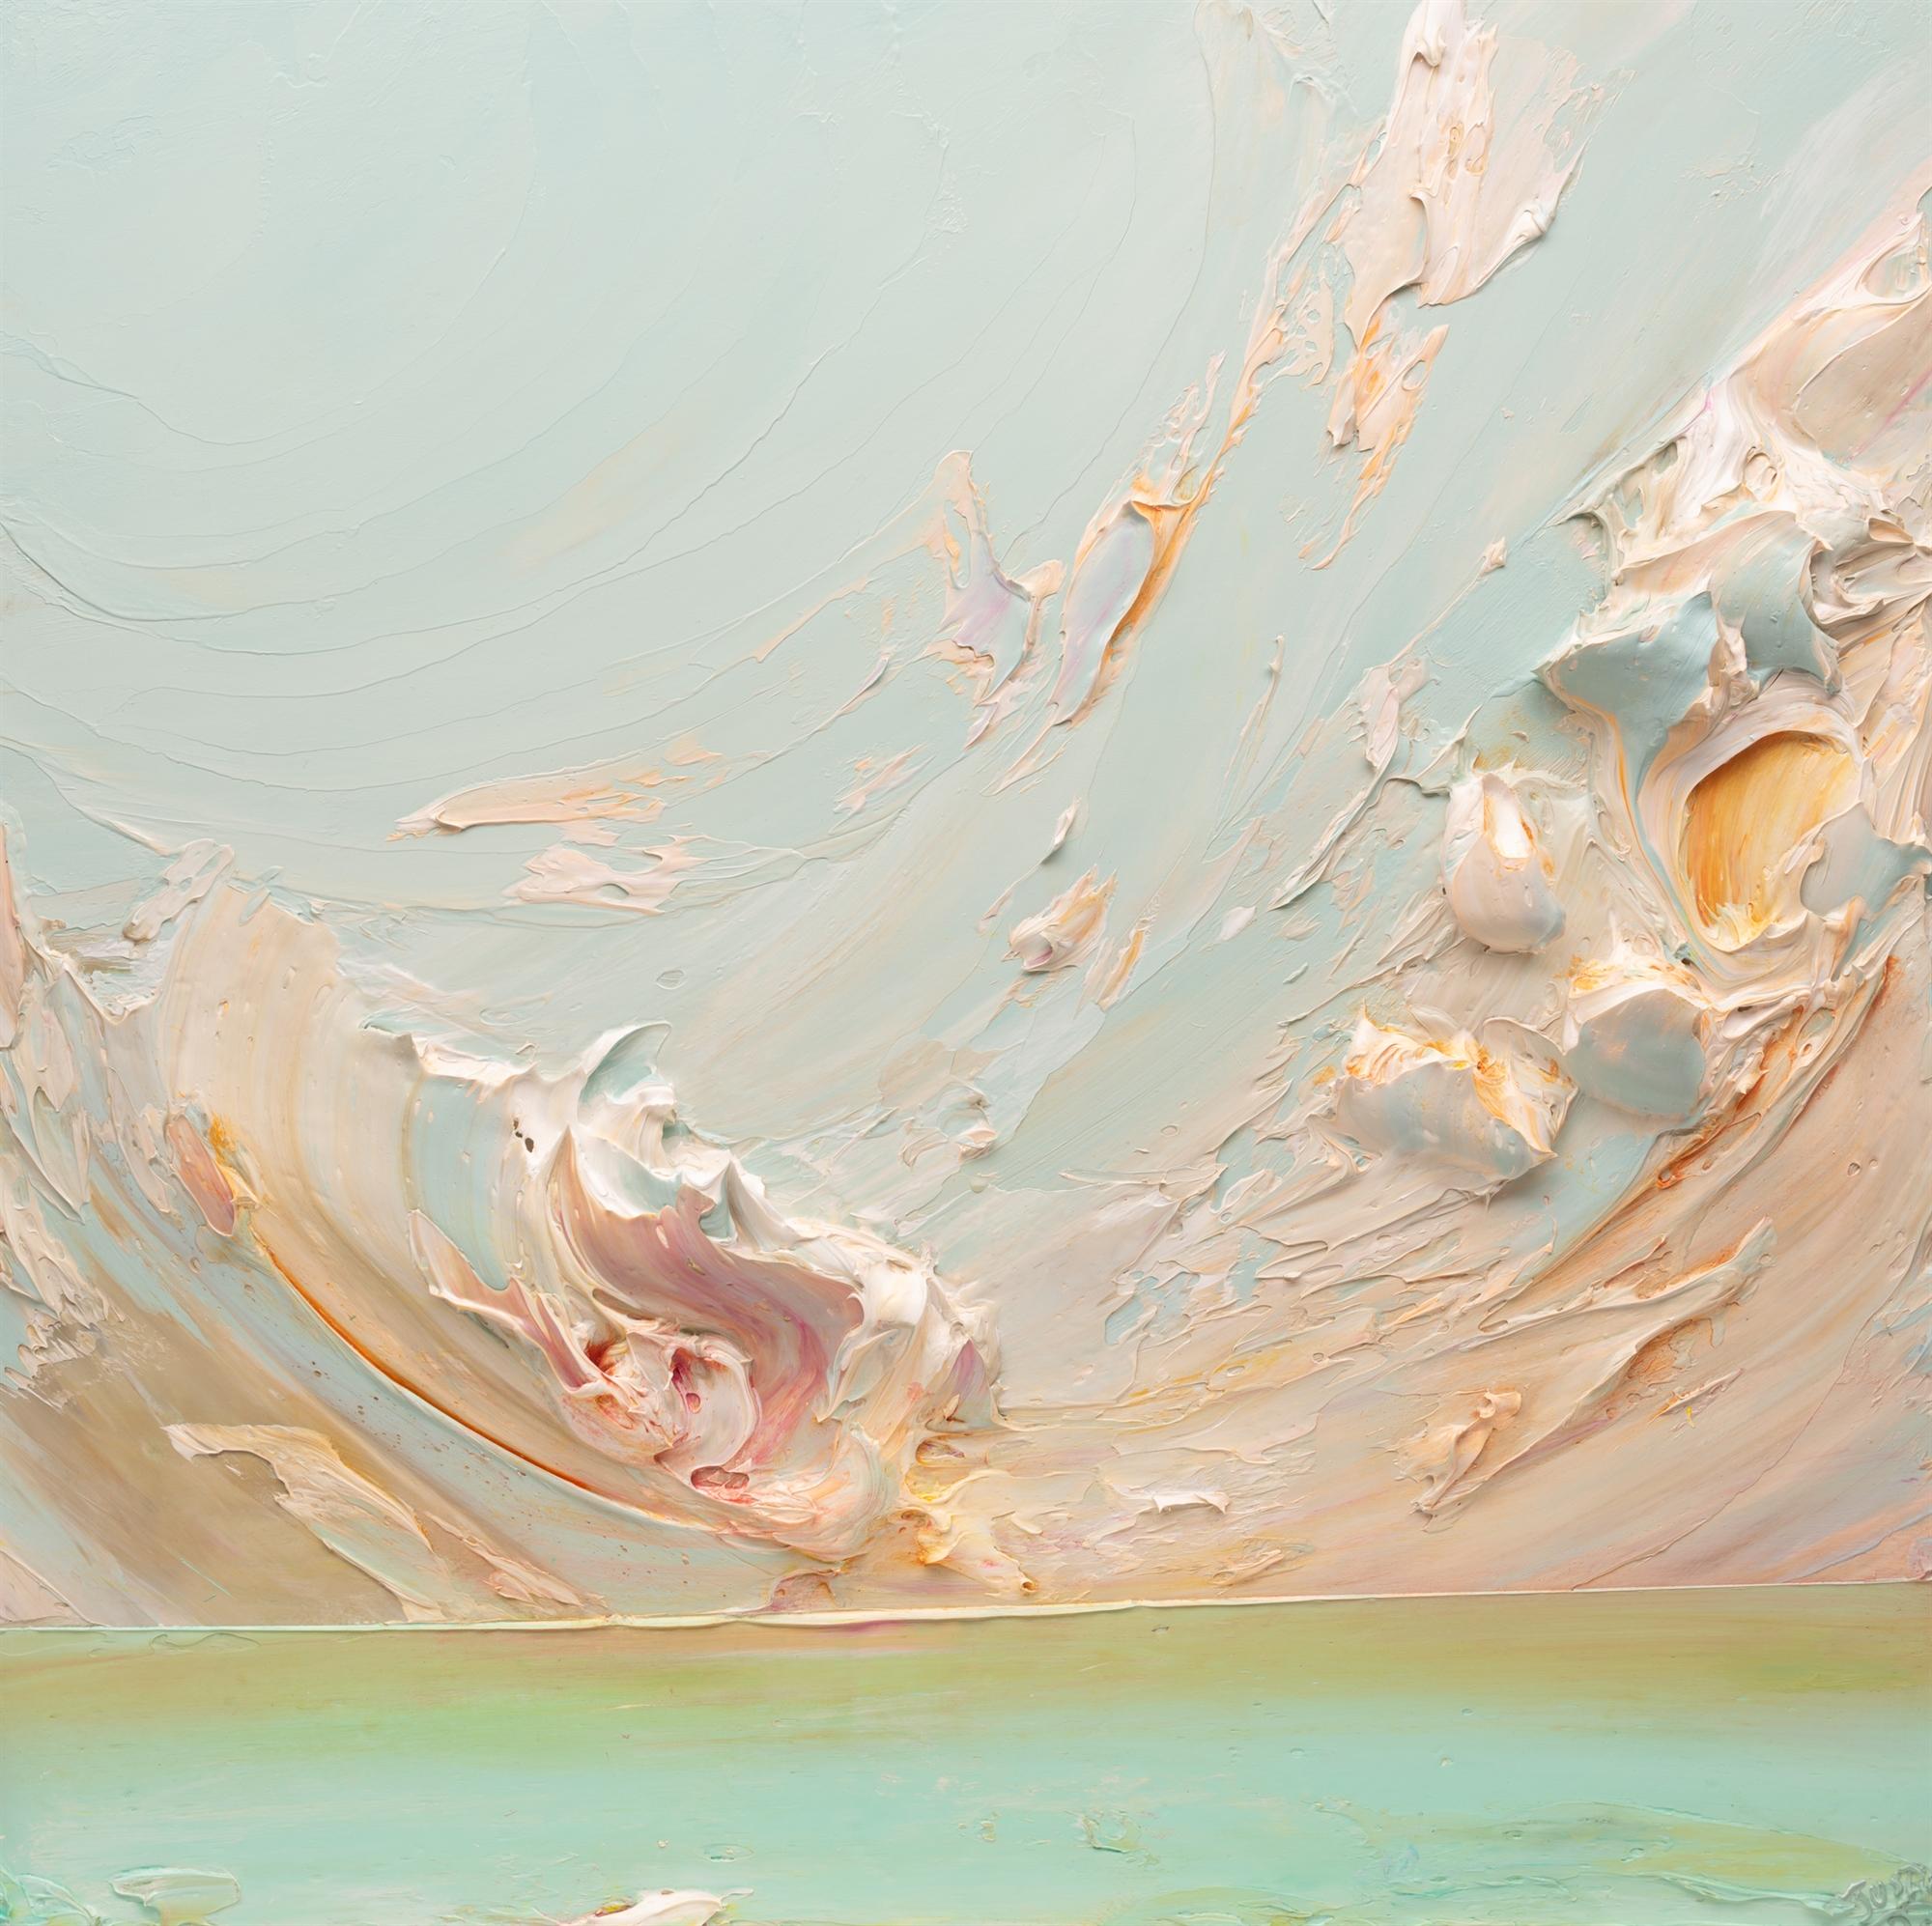 SEASCAPE SS-36X36-2020-004 by JUSTIN GAFFREY